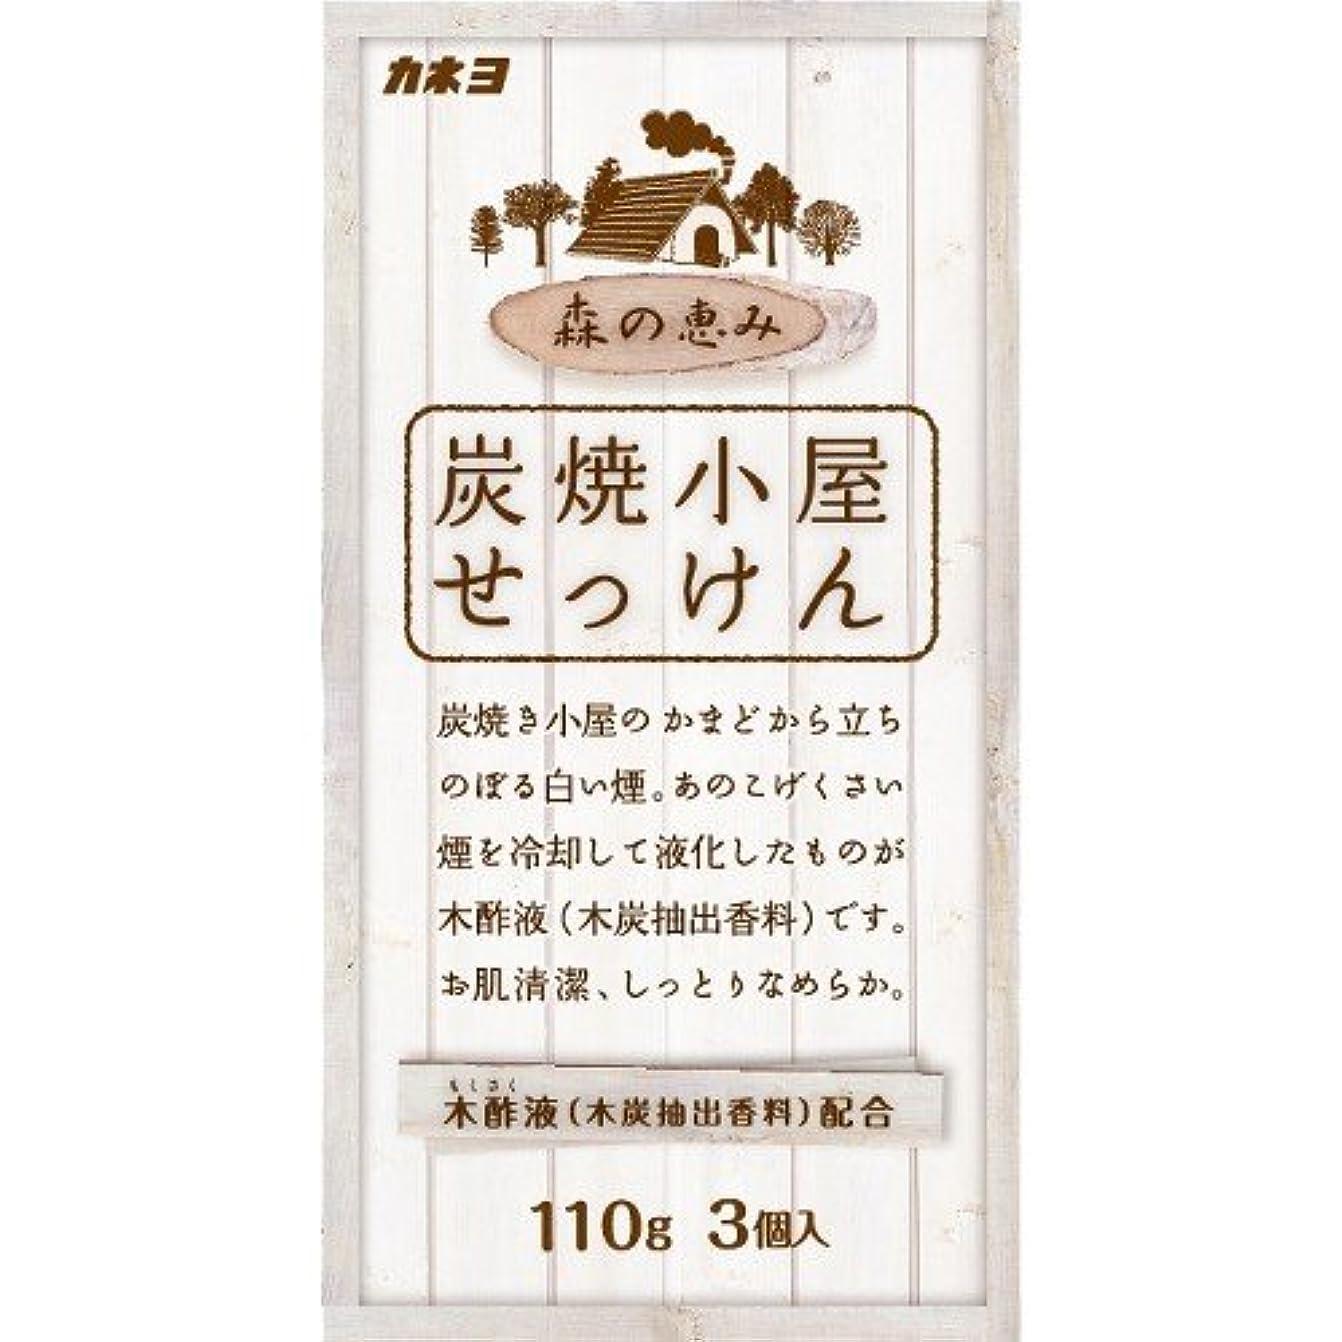 洗うアクロバット十年カネヨ石鹸 炭焼小屋 化粧石けん 110g×3個入